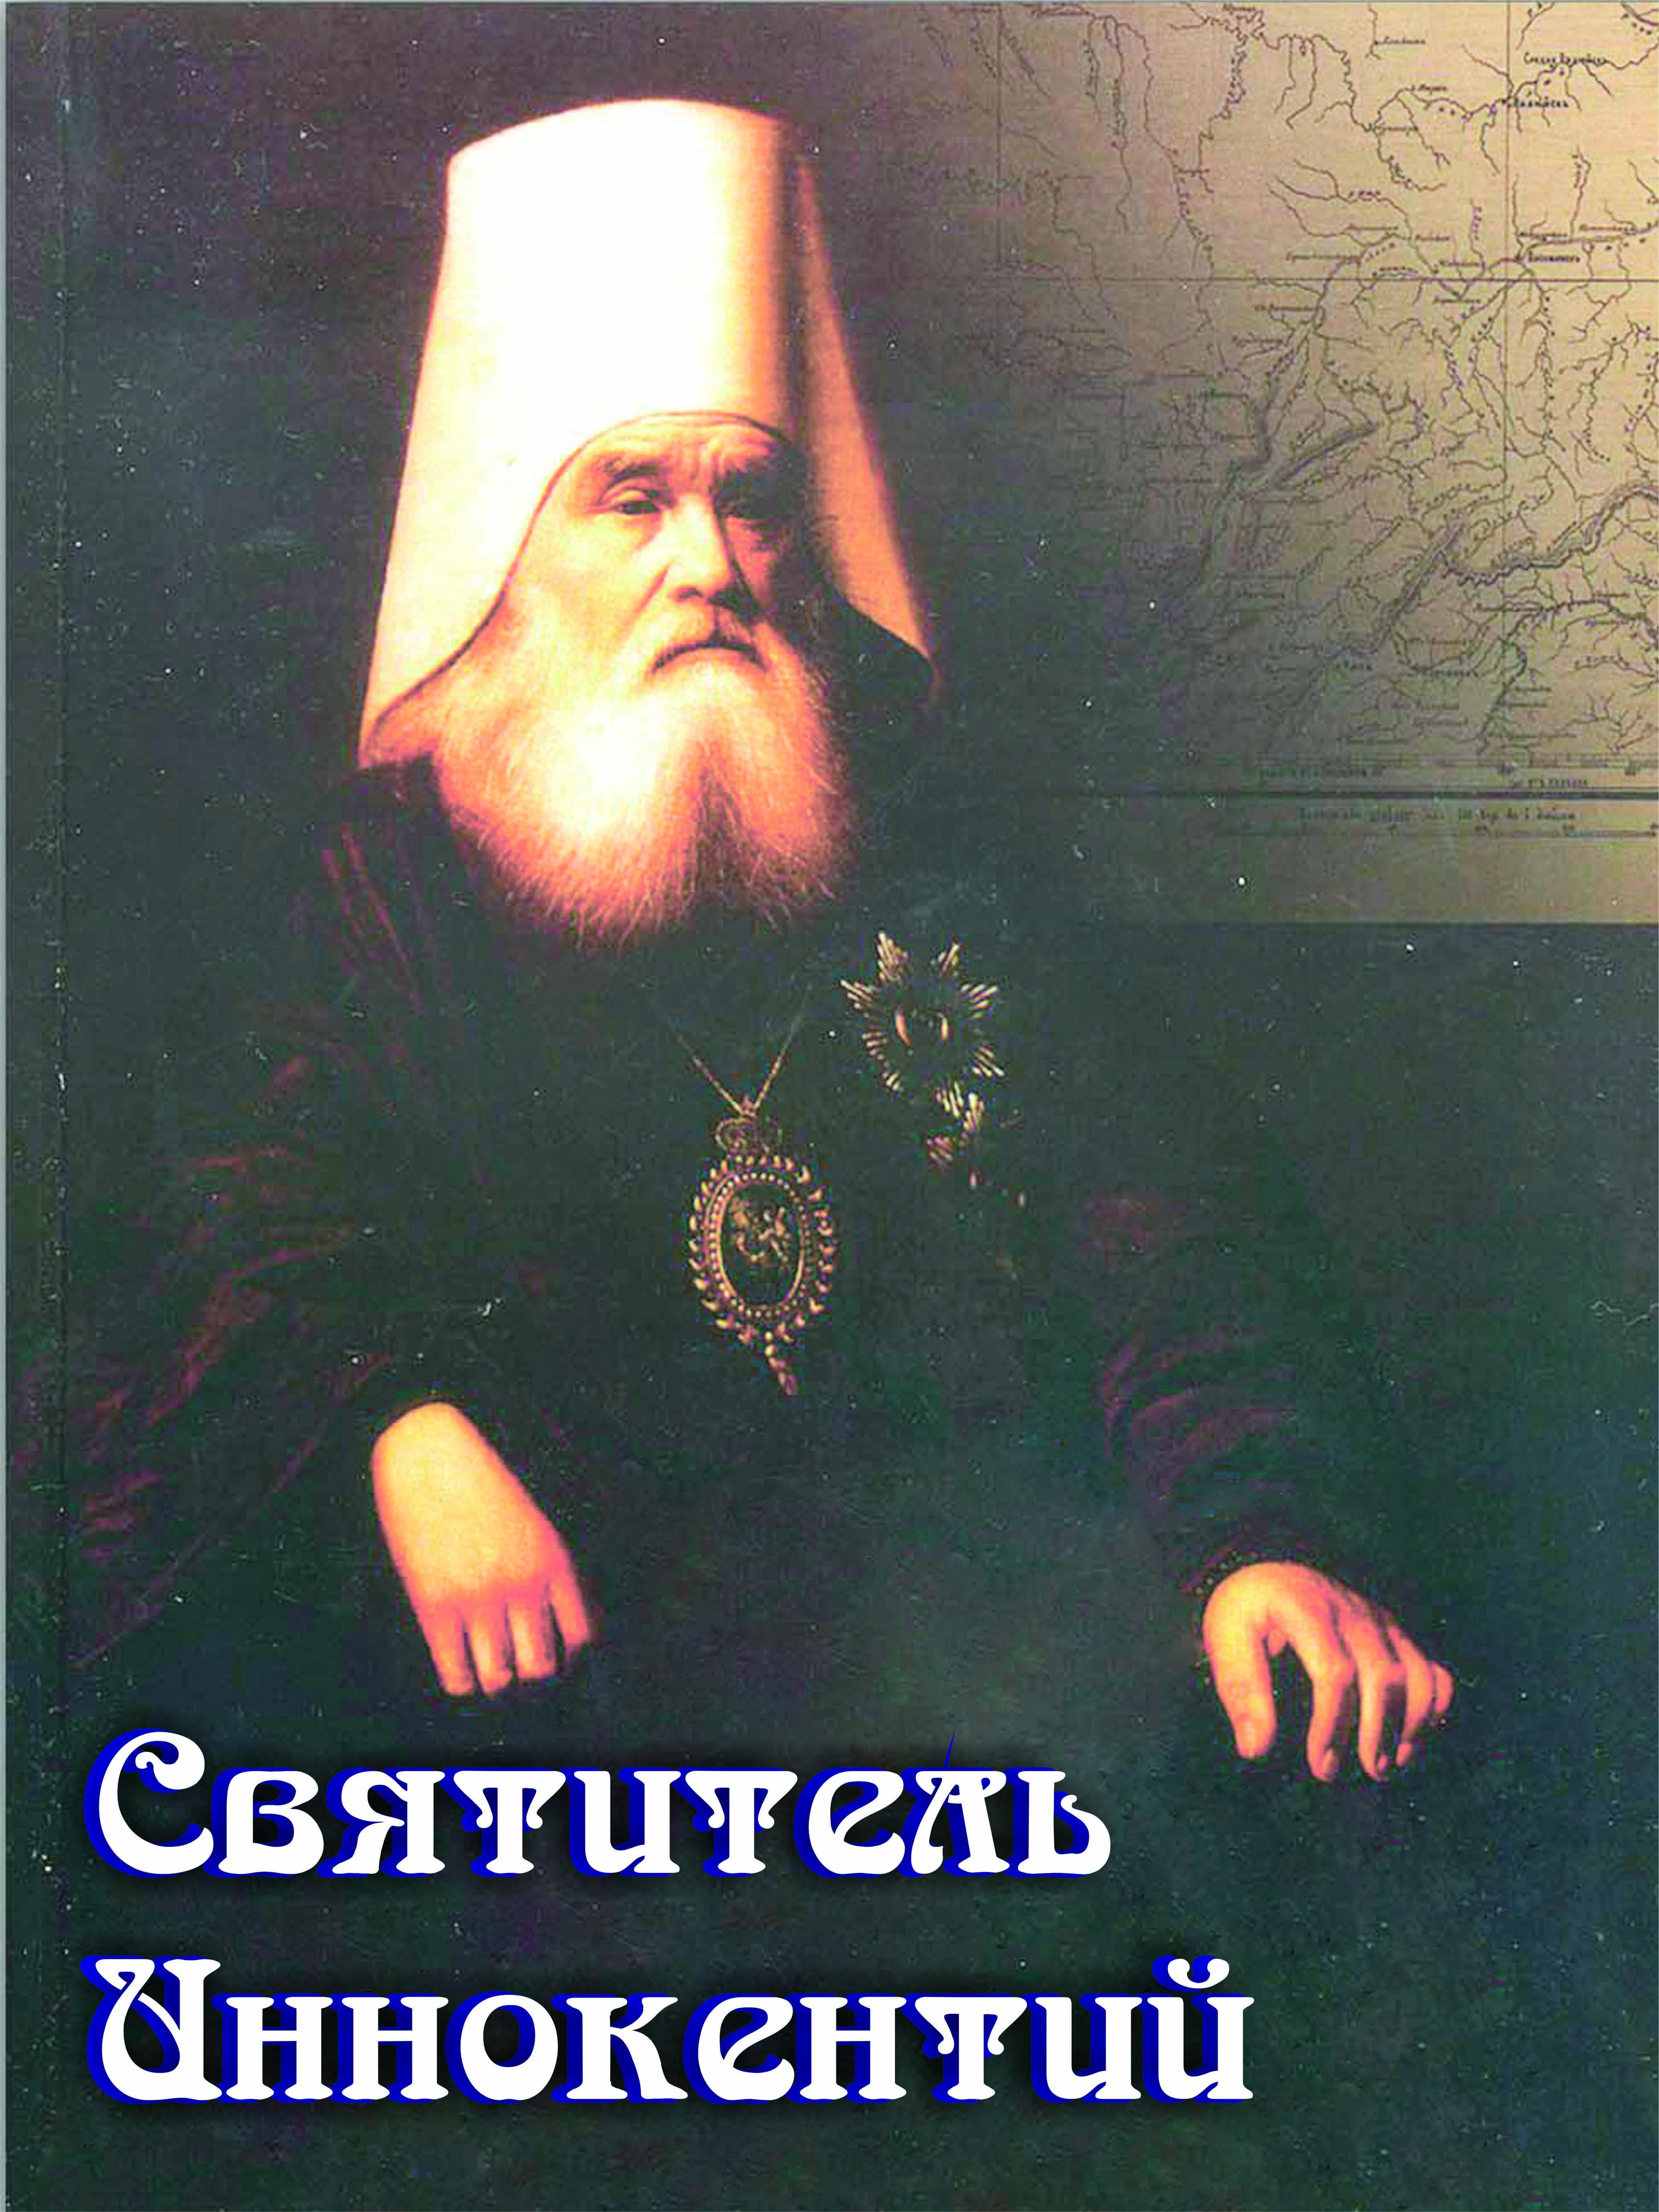 В районной администрации прошло расширенное заседание по вопросу предстоящего празднования 220-летия  святителя Иннокентия (Вениаминова)